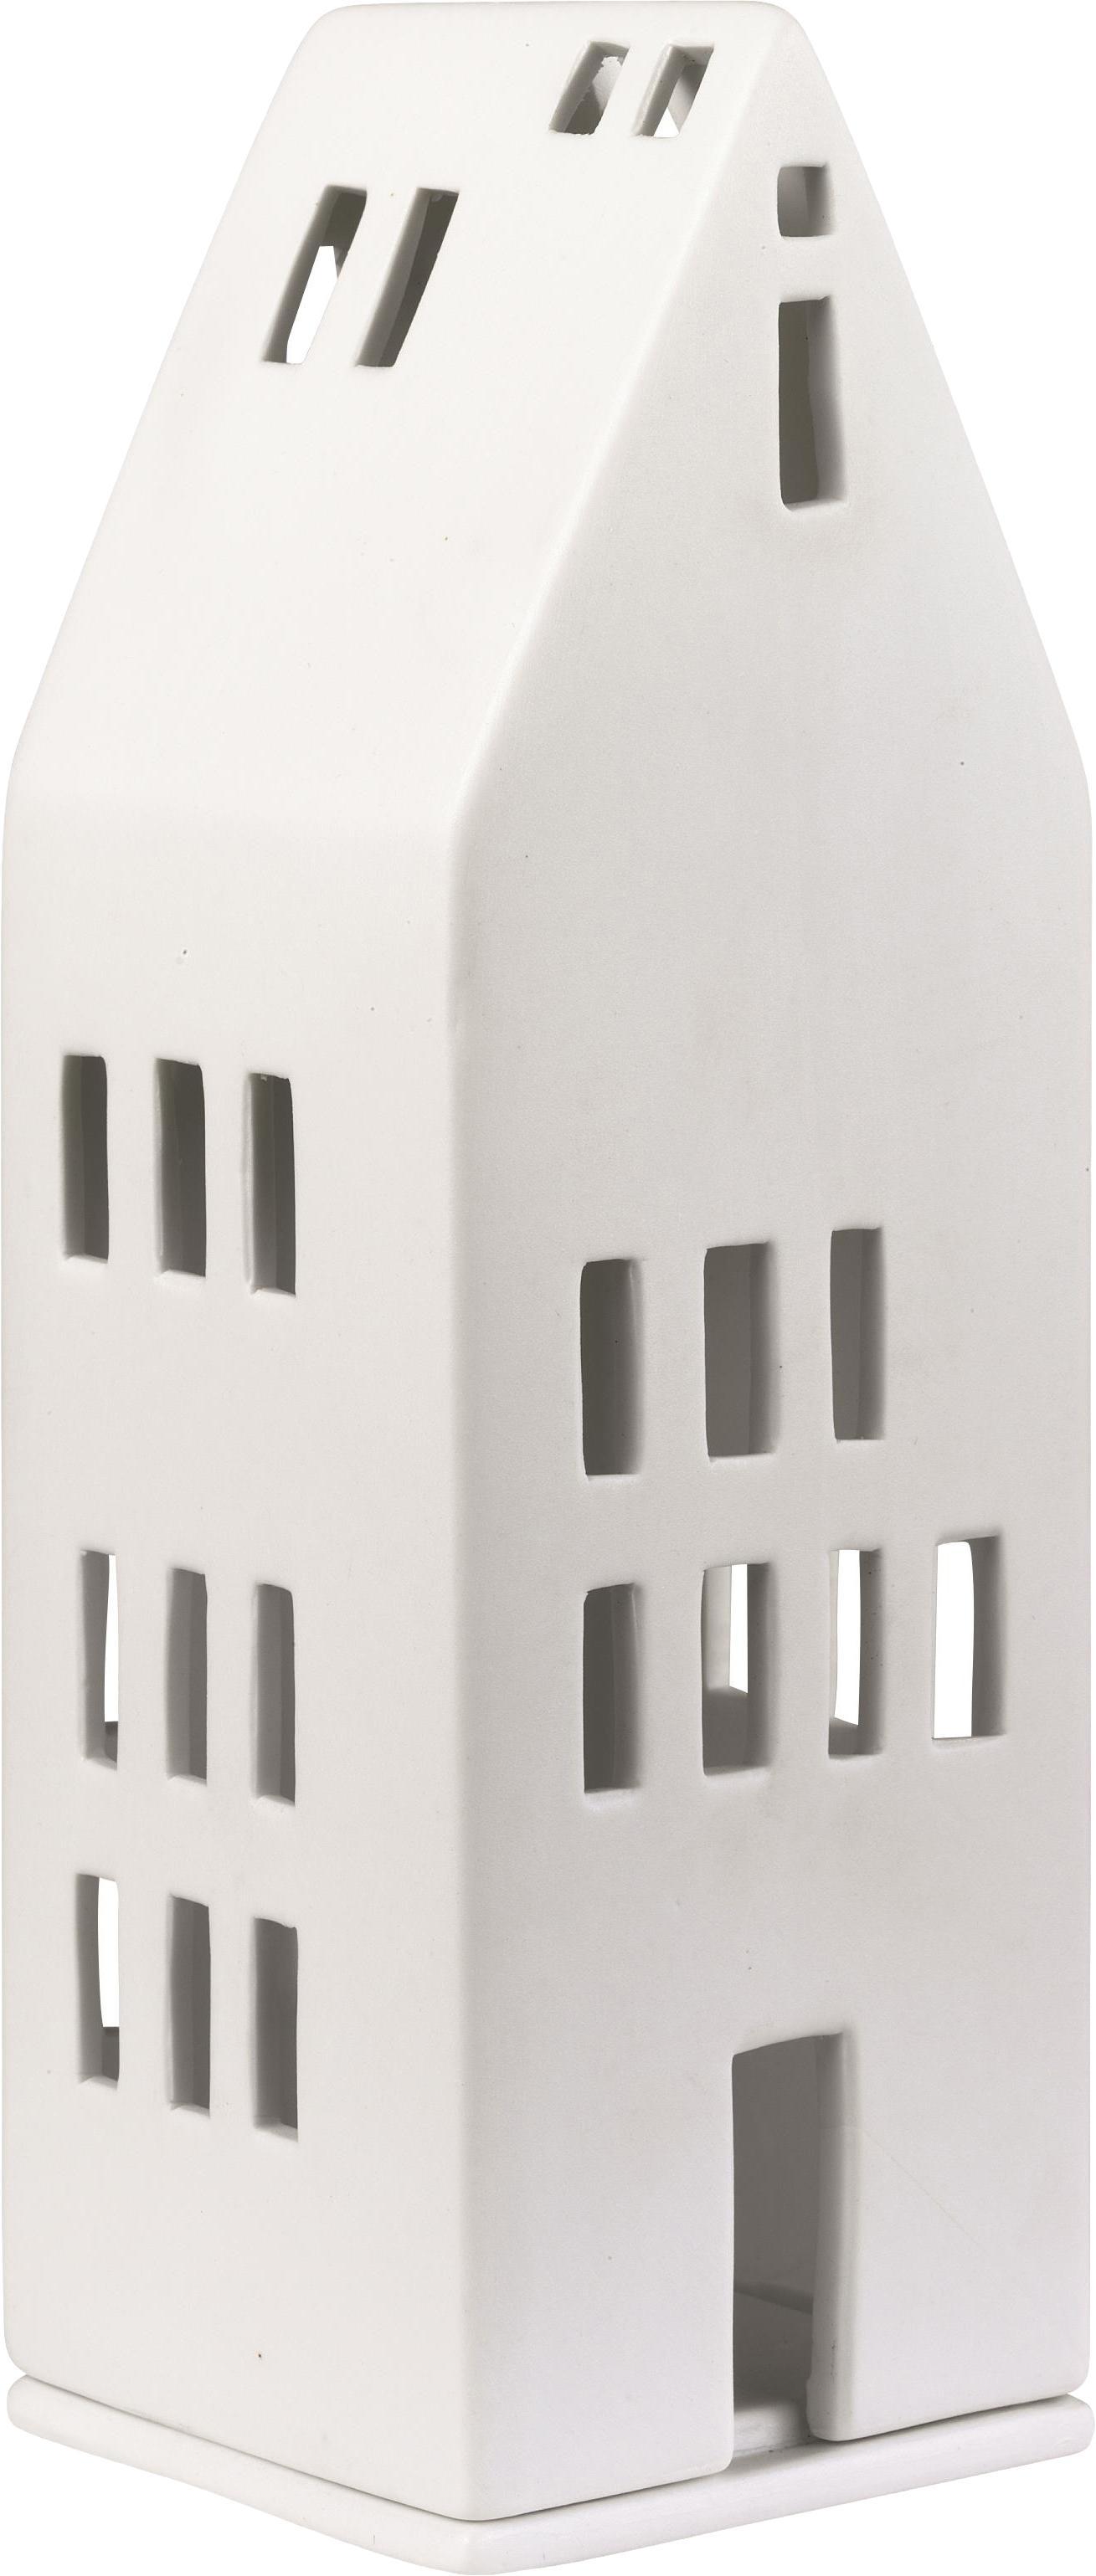 Waxinelichthouder Building, Porselein, Wit, 8 x 22 cm